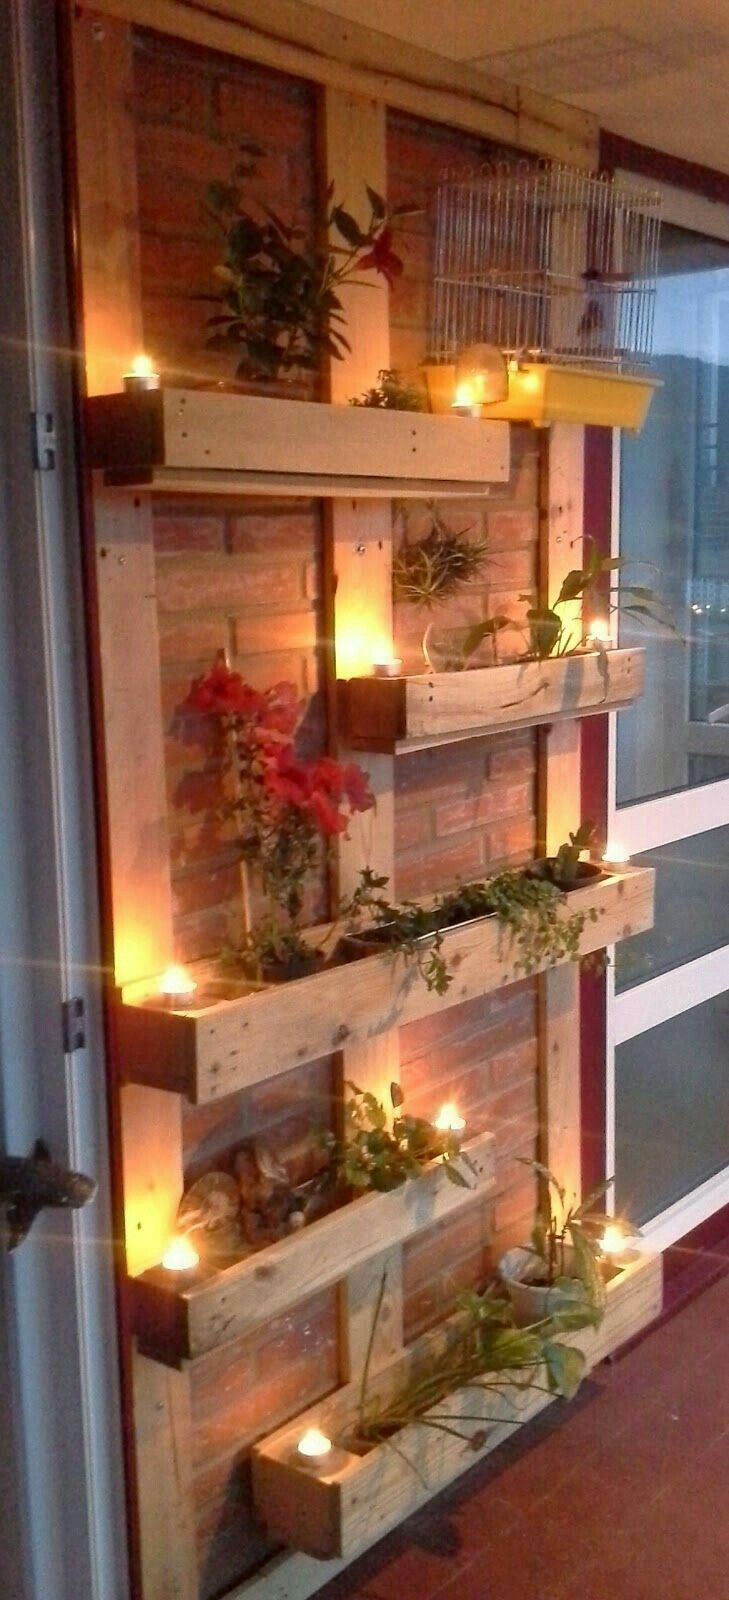 Idee voor kruiden/plantjes onder overkapping | good ideas ...